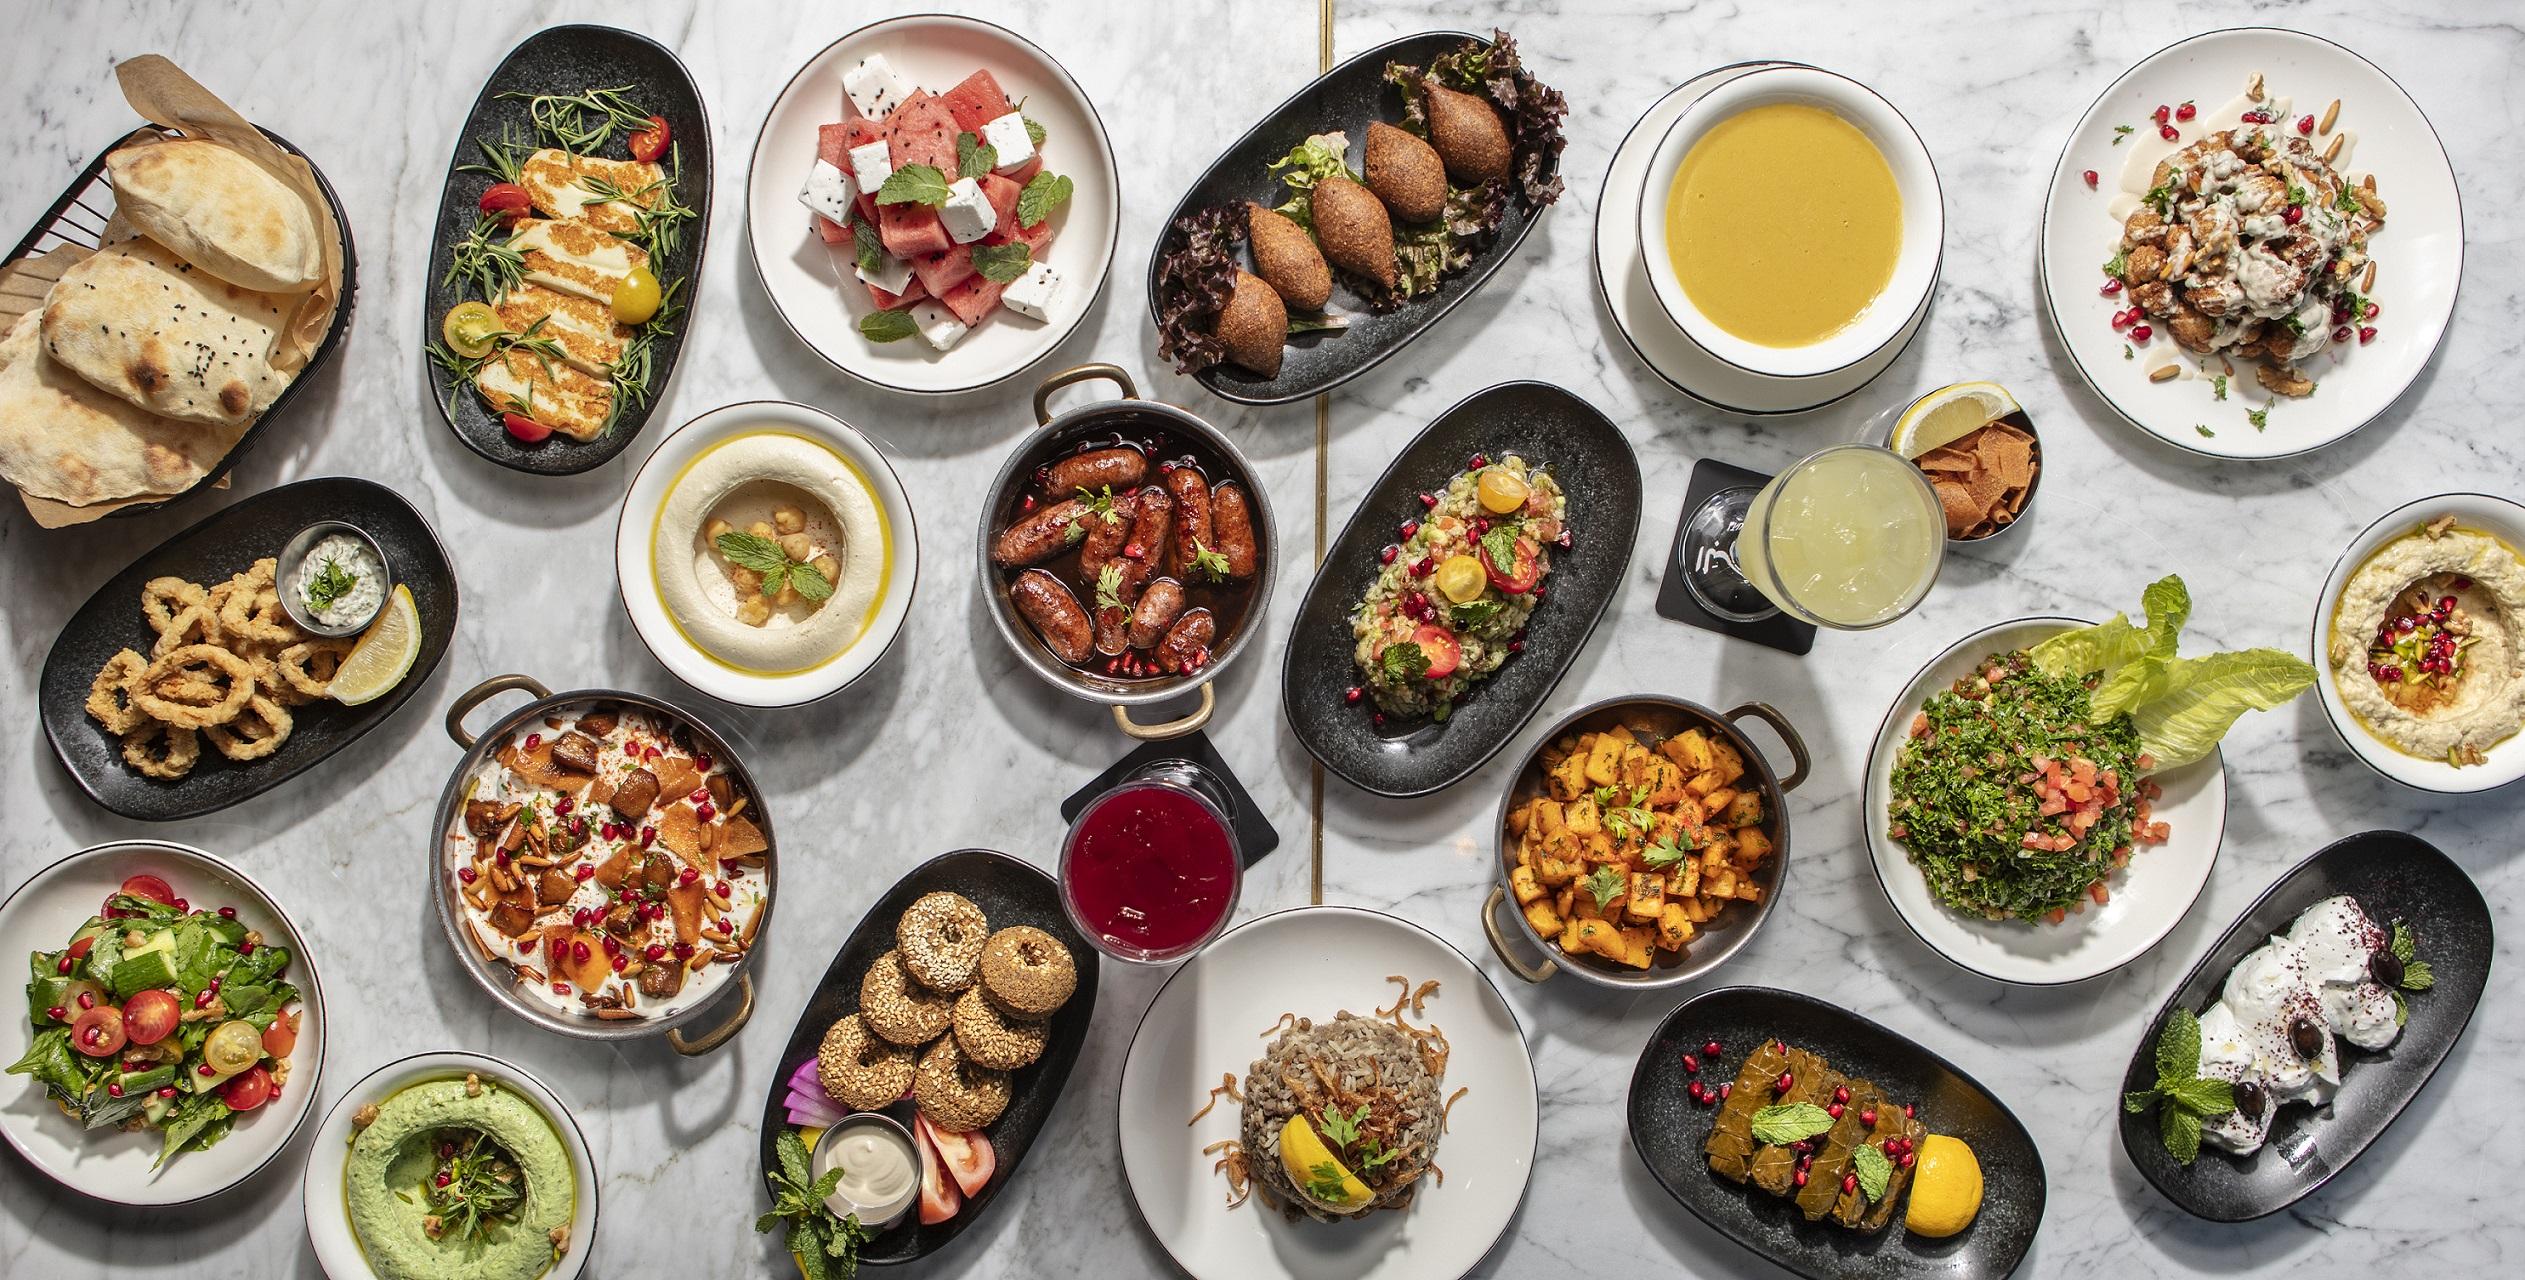 المطعم اللبناني الشهير البيروتي